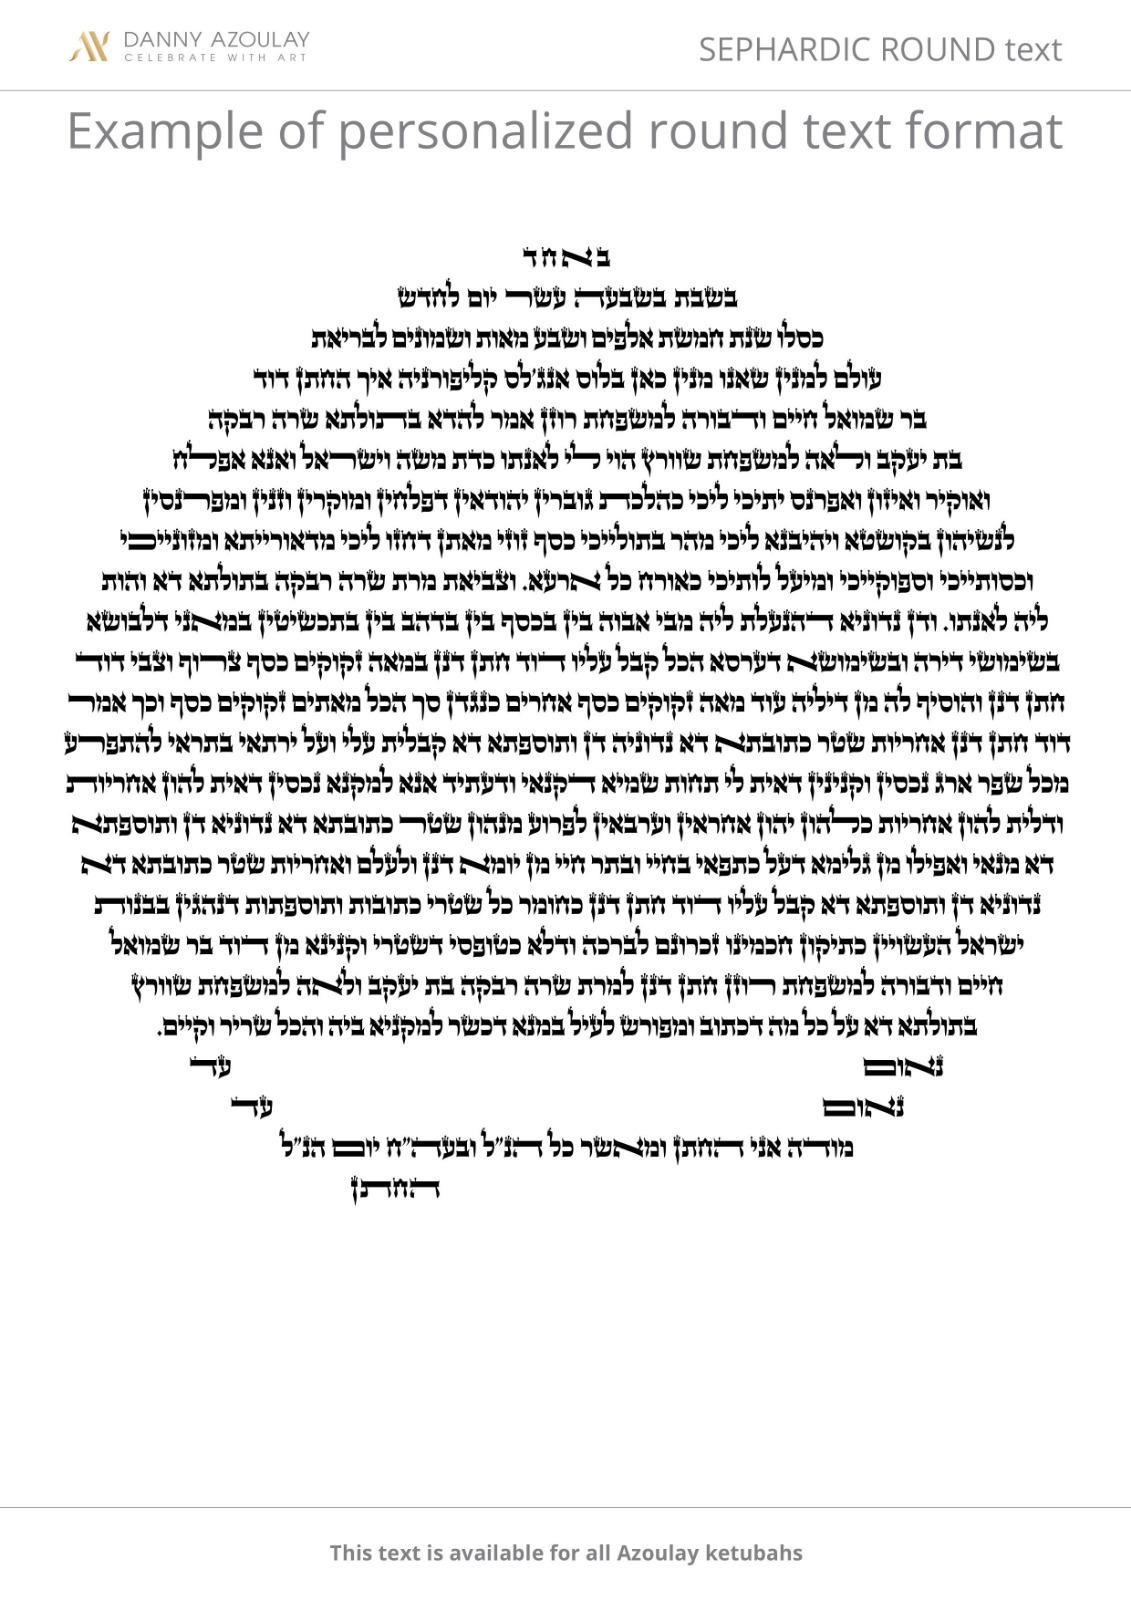 Sephardic